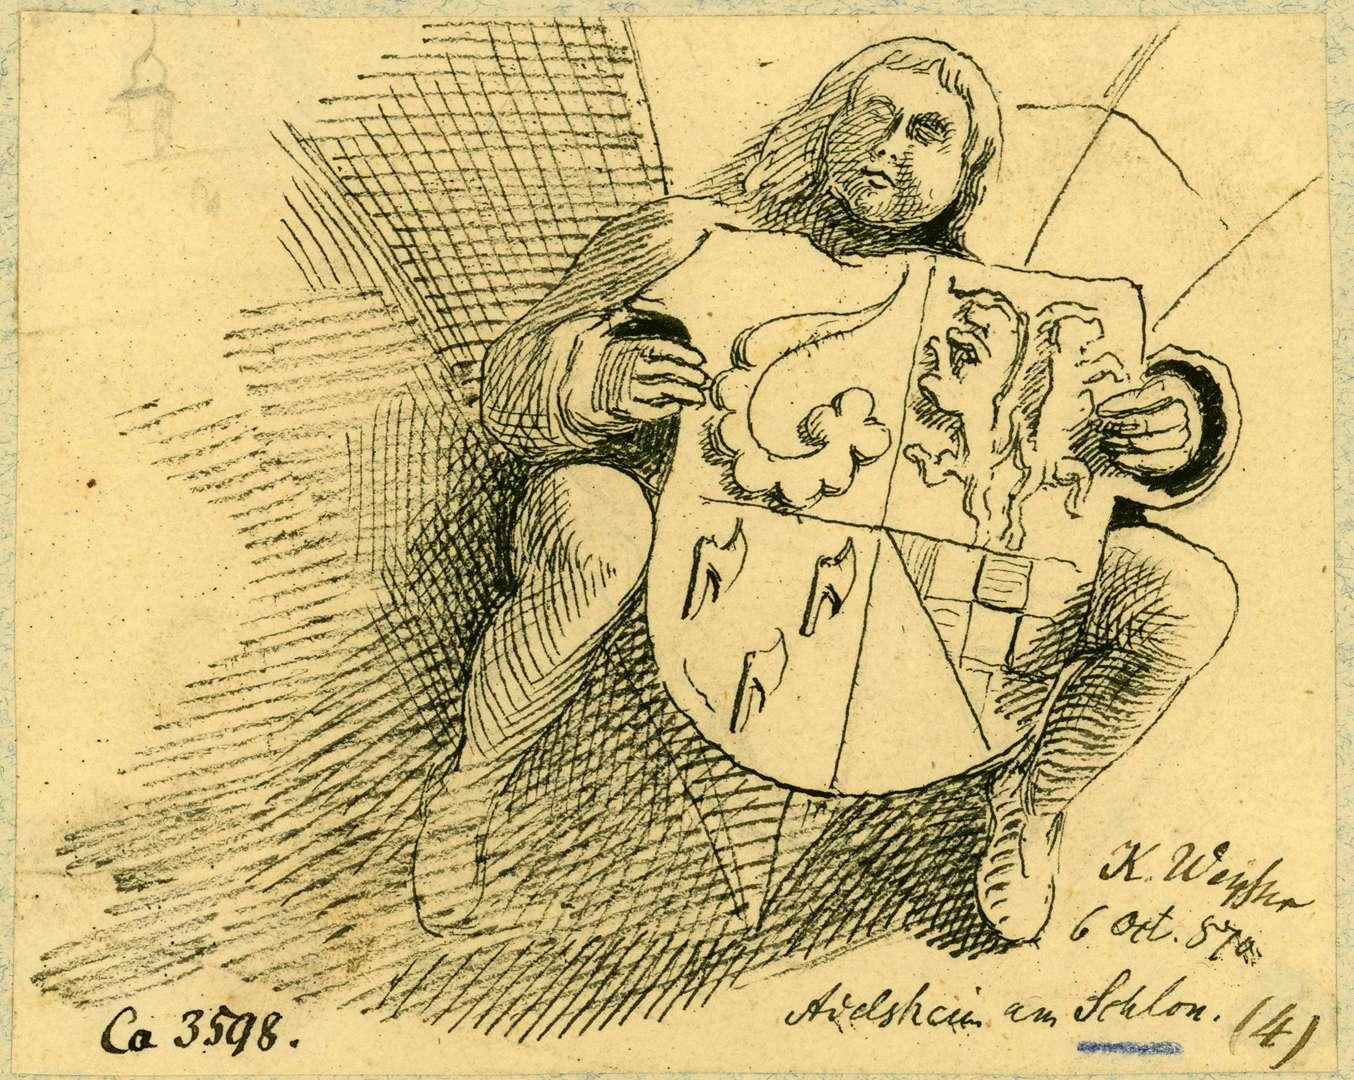 Adelsheim Figur Bernhardt Ludwig von und zu Adelsheim mit Wappen am Schlosserker, Bild 1